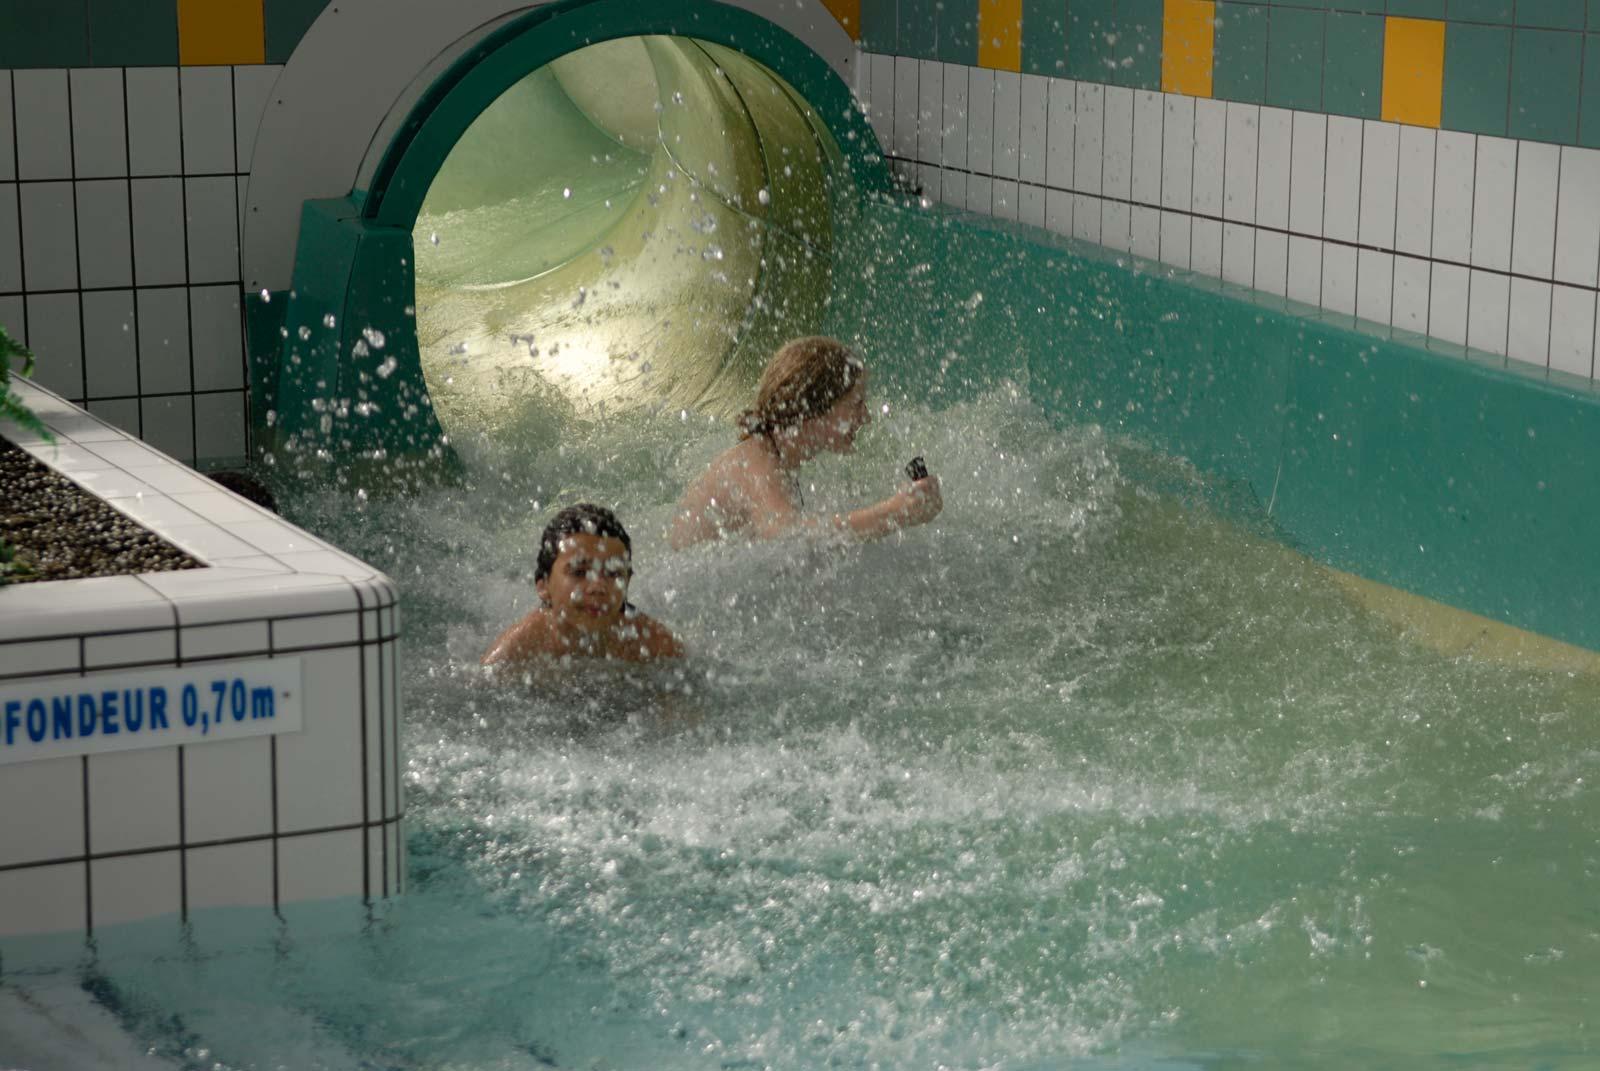 Piscine t hiver les aqualies niederbronn les bains for Piscine de strasbourg